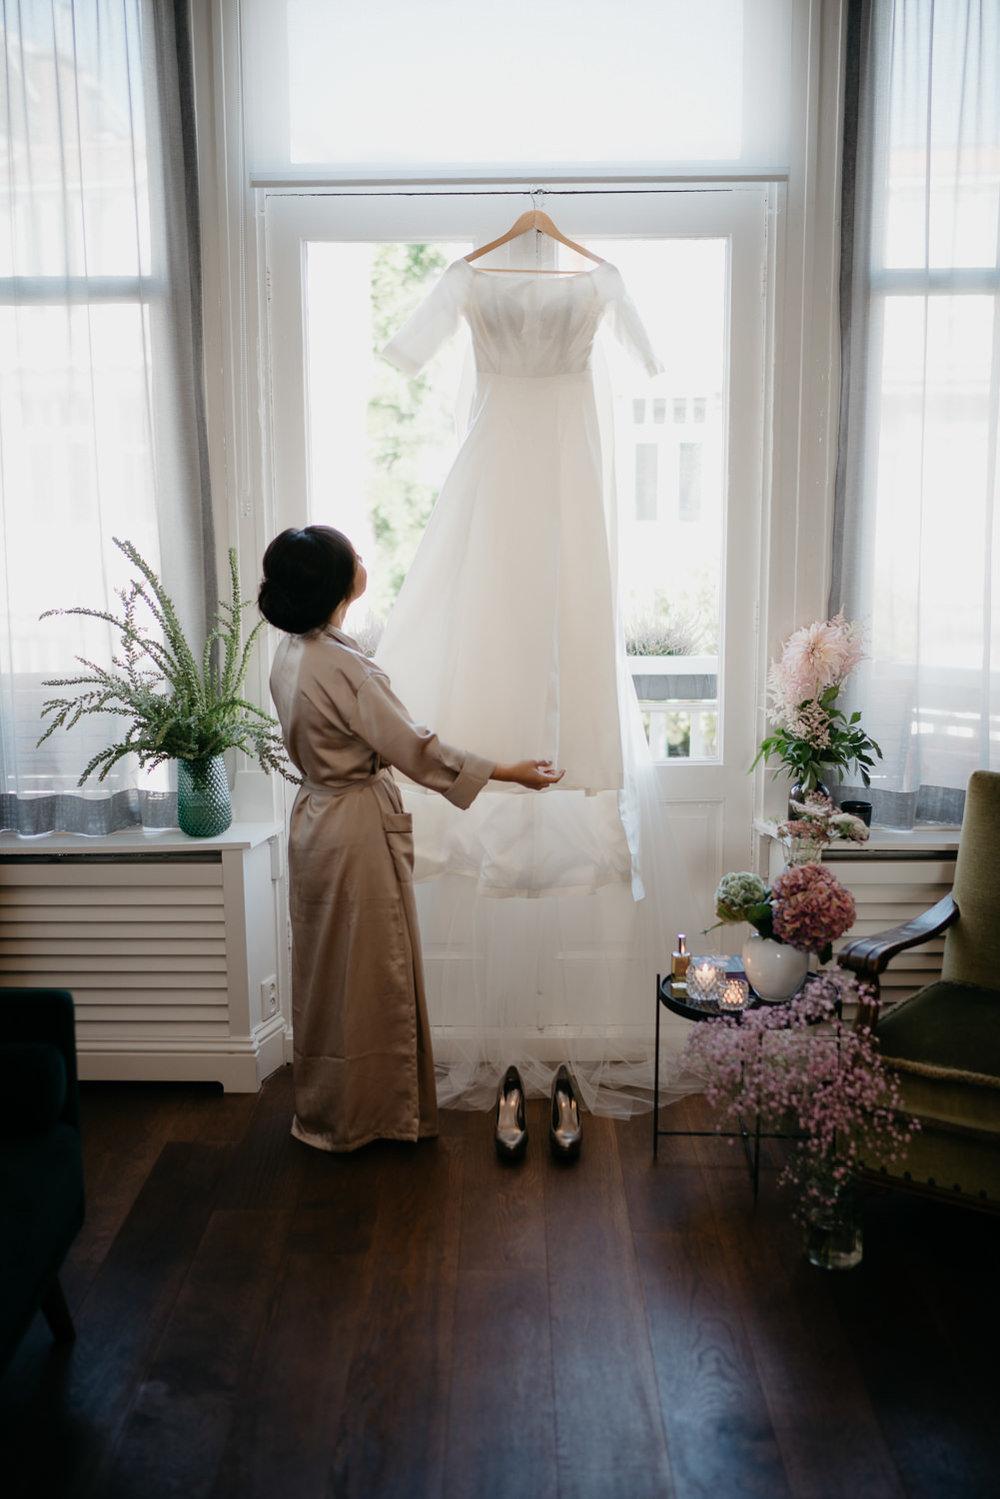 prachtige trouwjurk gefotografeerd tijdens het klaarmaken van de bruid